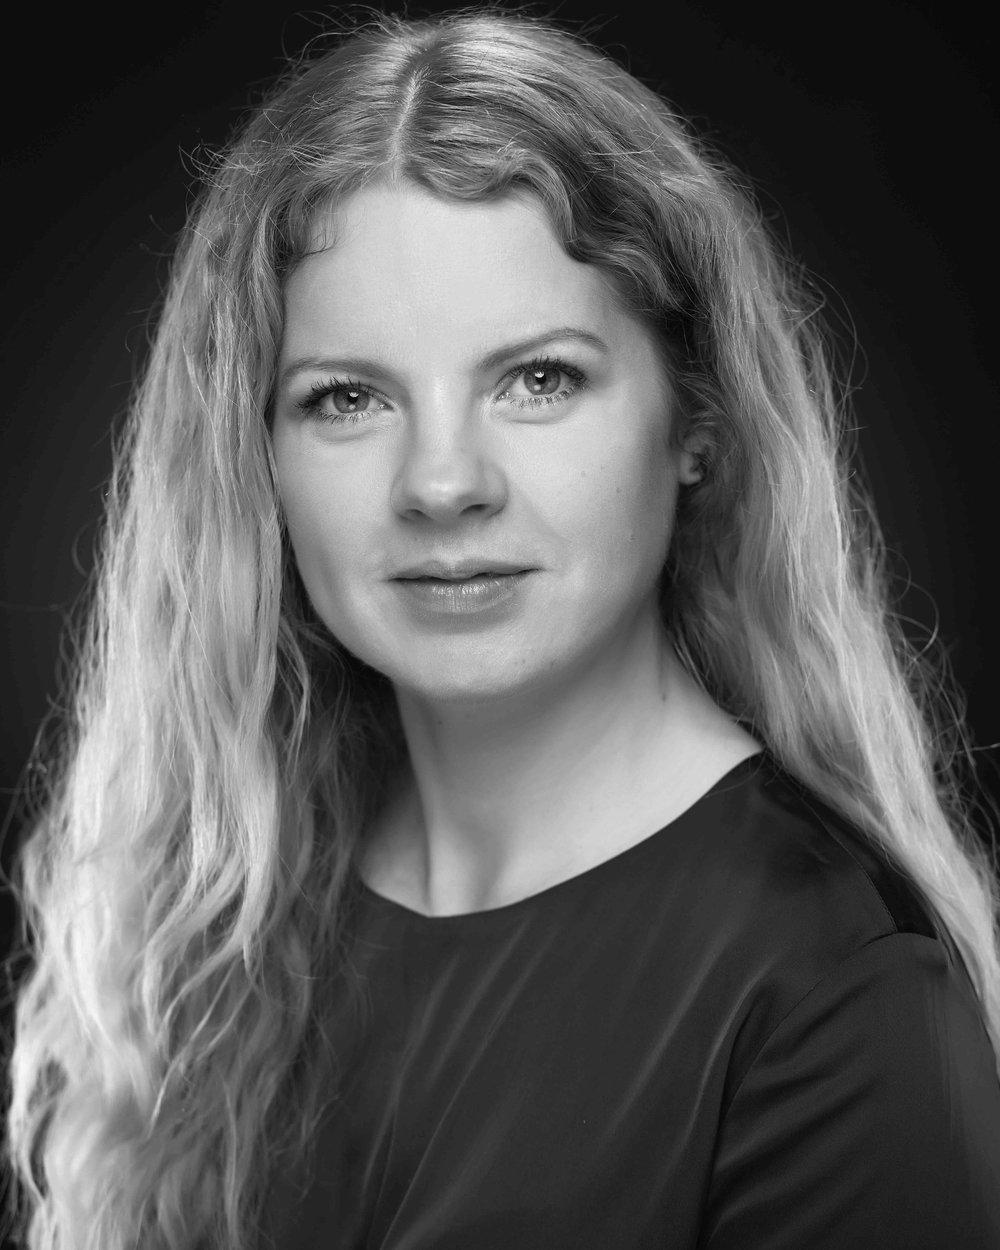 Anne Aavatsmark - er utdannet fløytist og jobbet flere år i Oslo Filharmonien. Siden 2012 har hun jobbet administrativt i ulike ensembler i tillegg til å ta en Executive master of management på BI, hvor hun blant annet skrev om innovasjon og næringsdrift innen klassiske- og samtidsensembler. Aavatsmark var initiativtaker og medutvikler av Mozart-byen, en spillbasert digital læringsplattform om klassiske instrumenter for Salaby.no/Gyldendal. I dag er hun daglig leder for Ungdomssymfonikerne, bookingagent for Oslo Strykekvartett og jobber som konsulent for Crescendos mentorprogram.